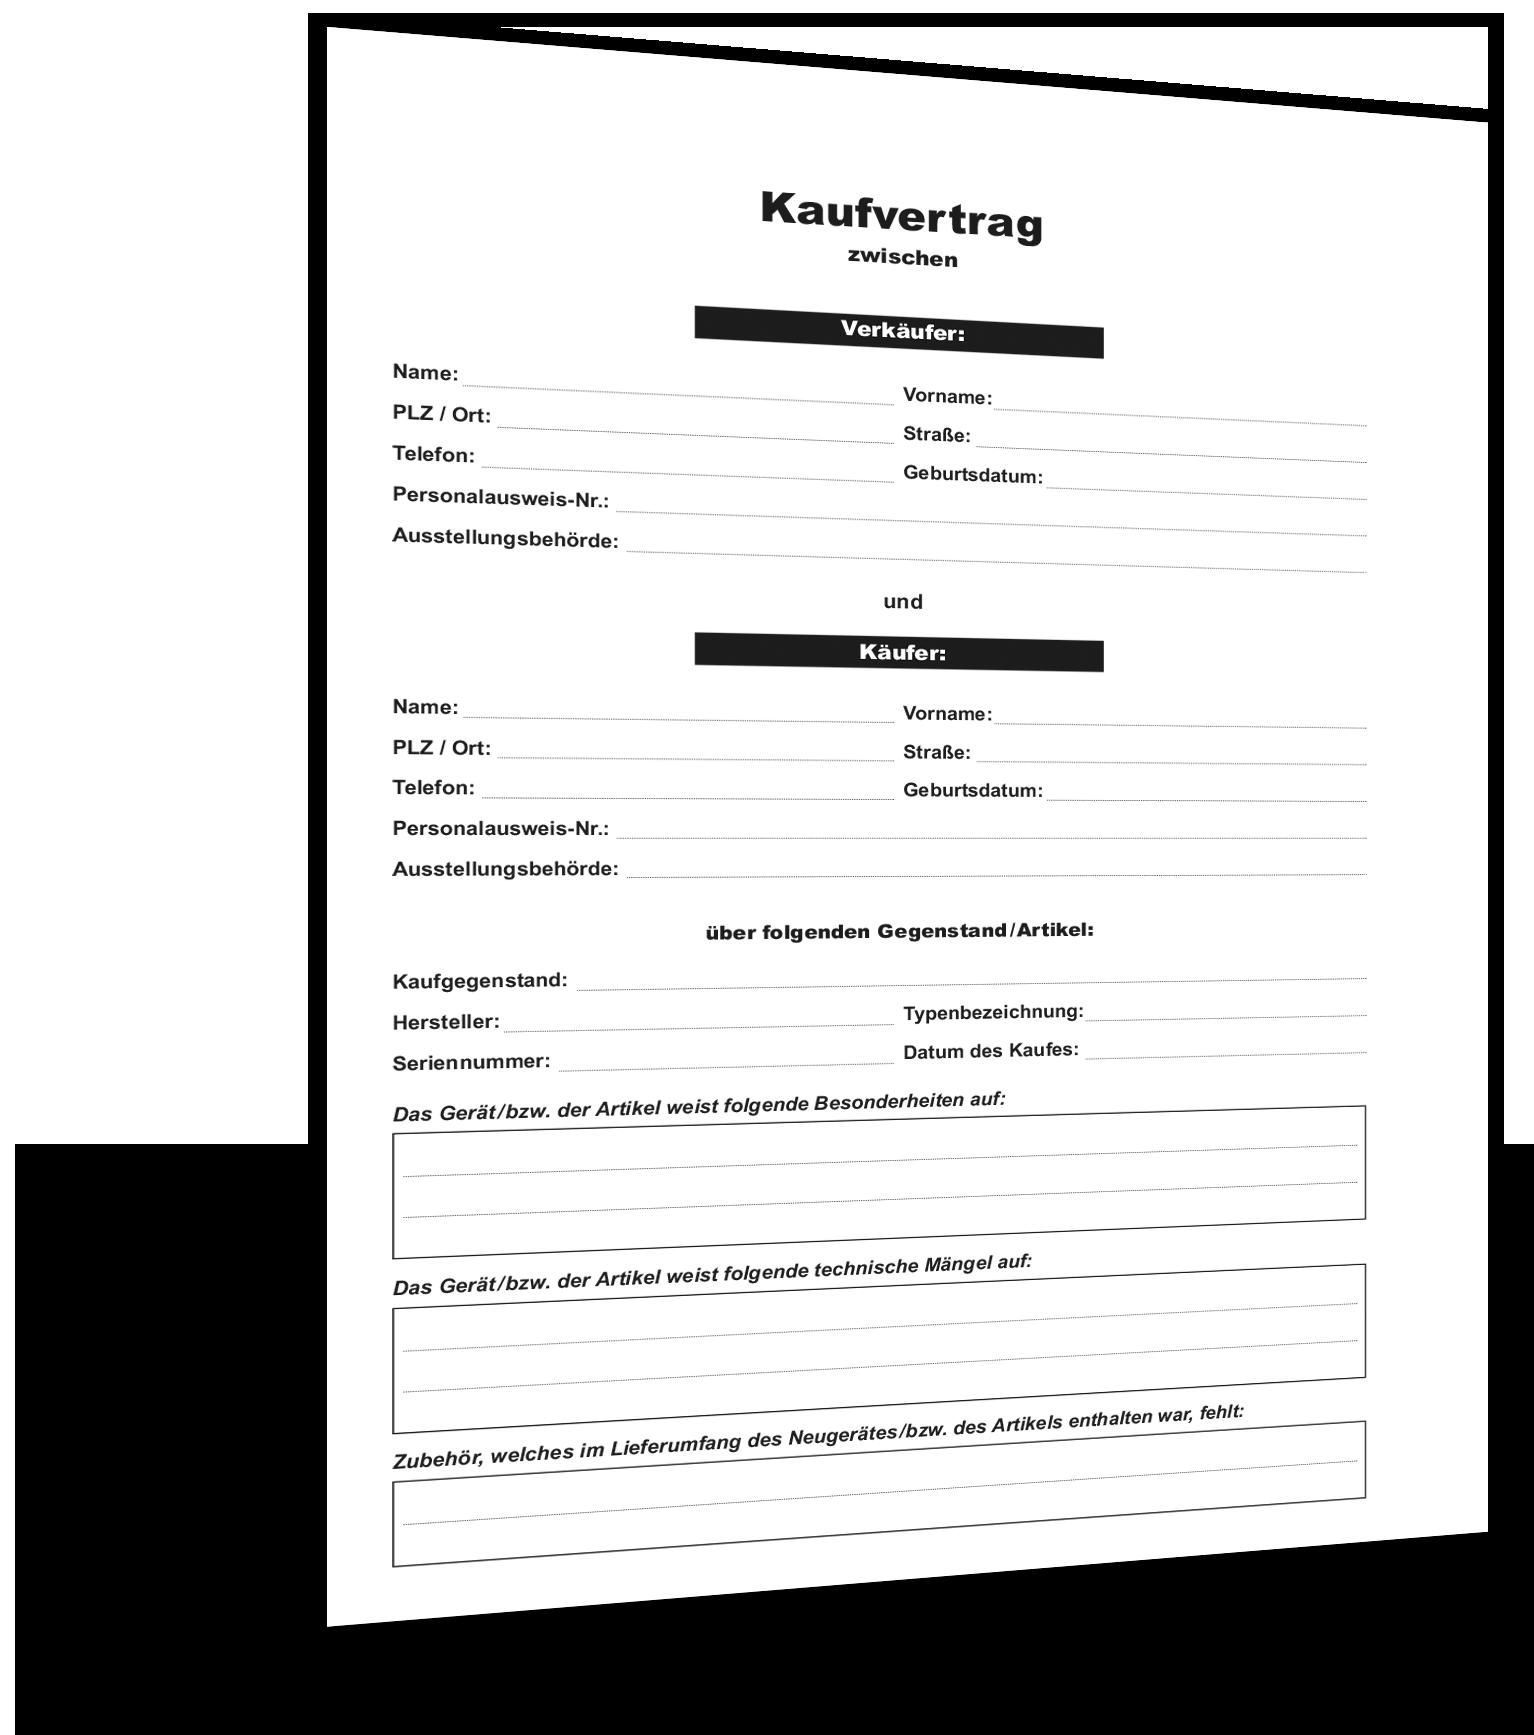 Kaufvertrag Muster gebrauchte Gegenstände (Gratis-Download)